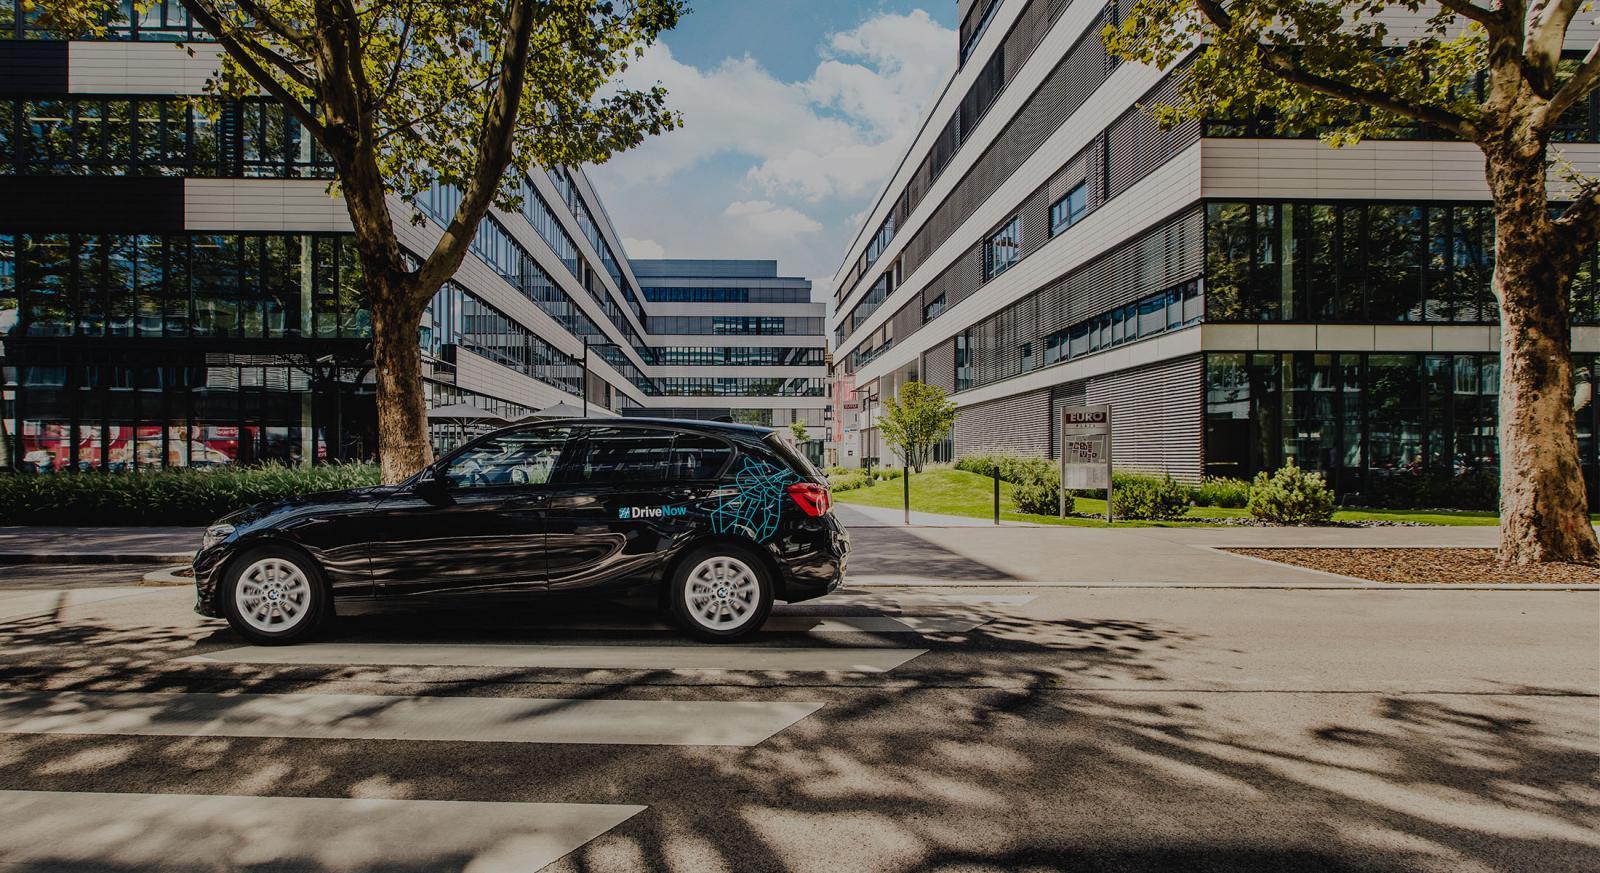 drivenow_carsharing_wien_stunden-pakete